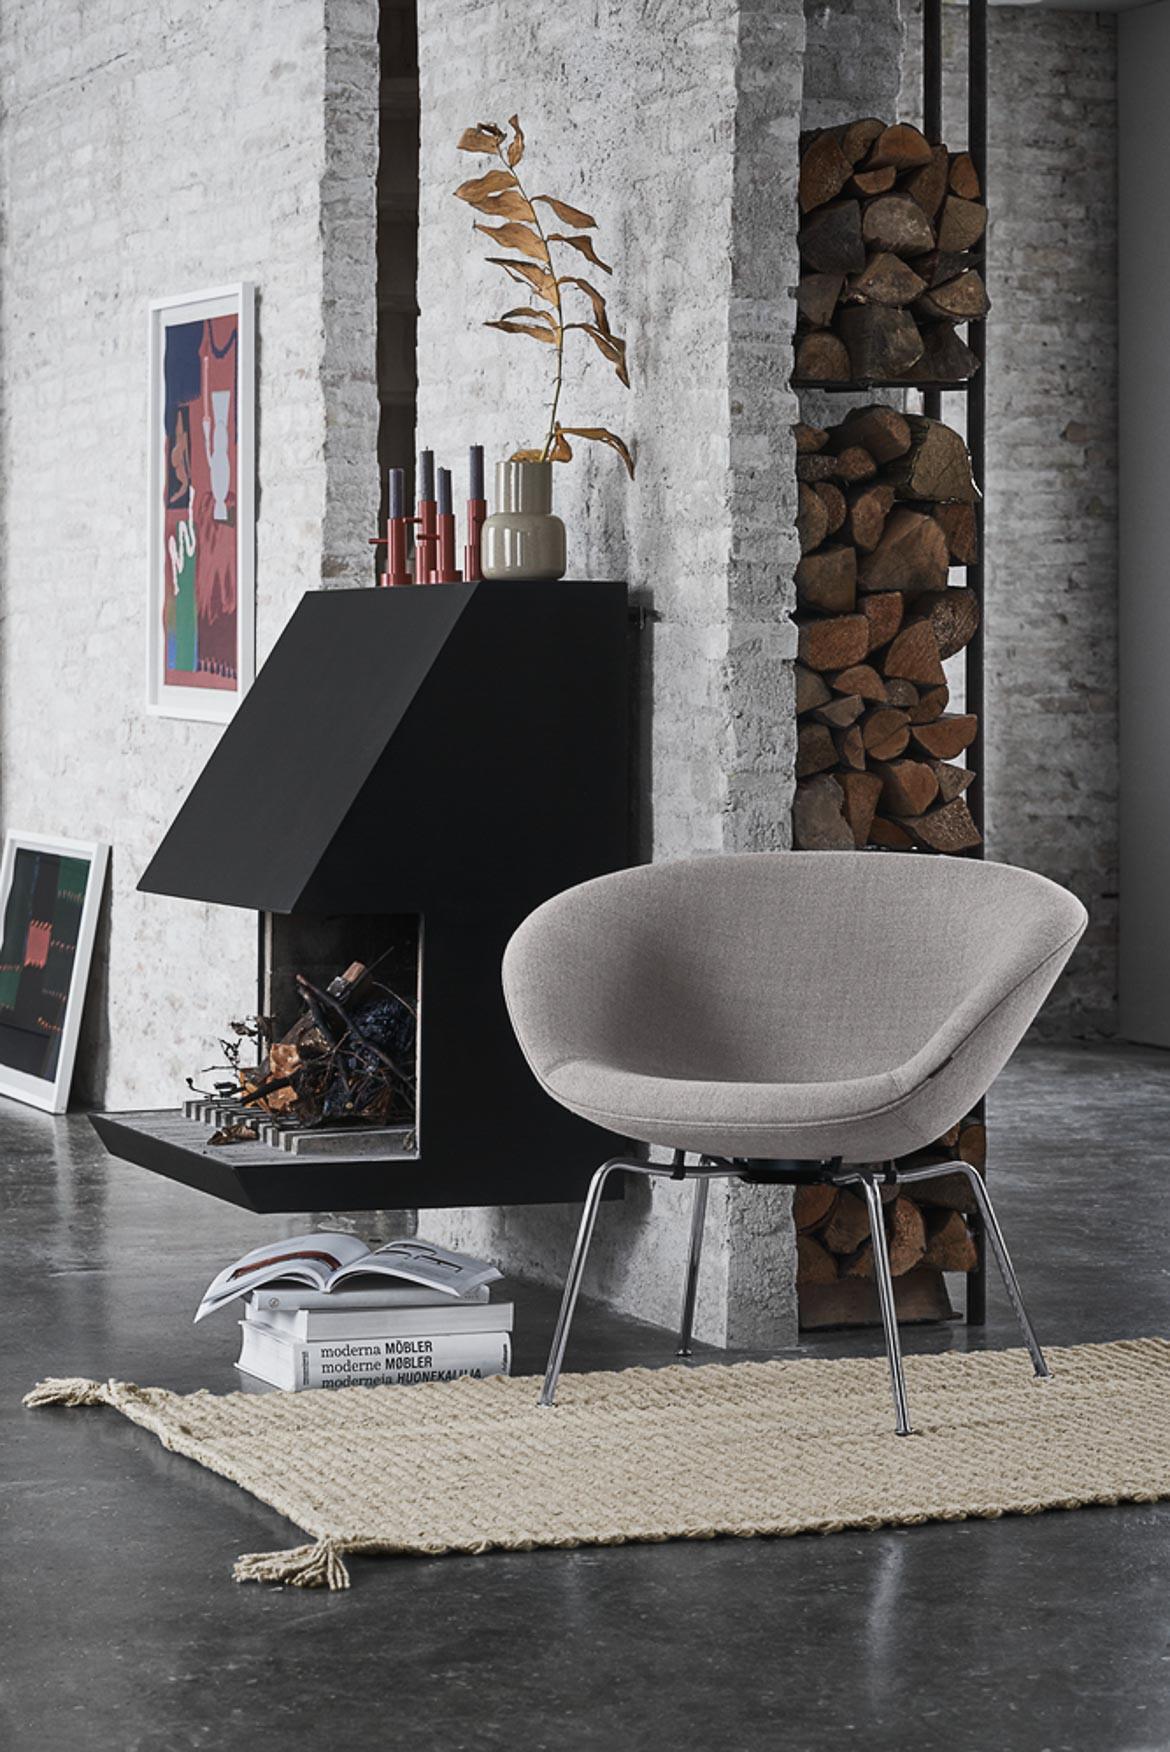 Arne Jacobsen design